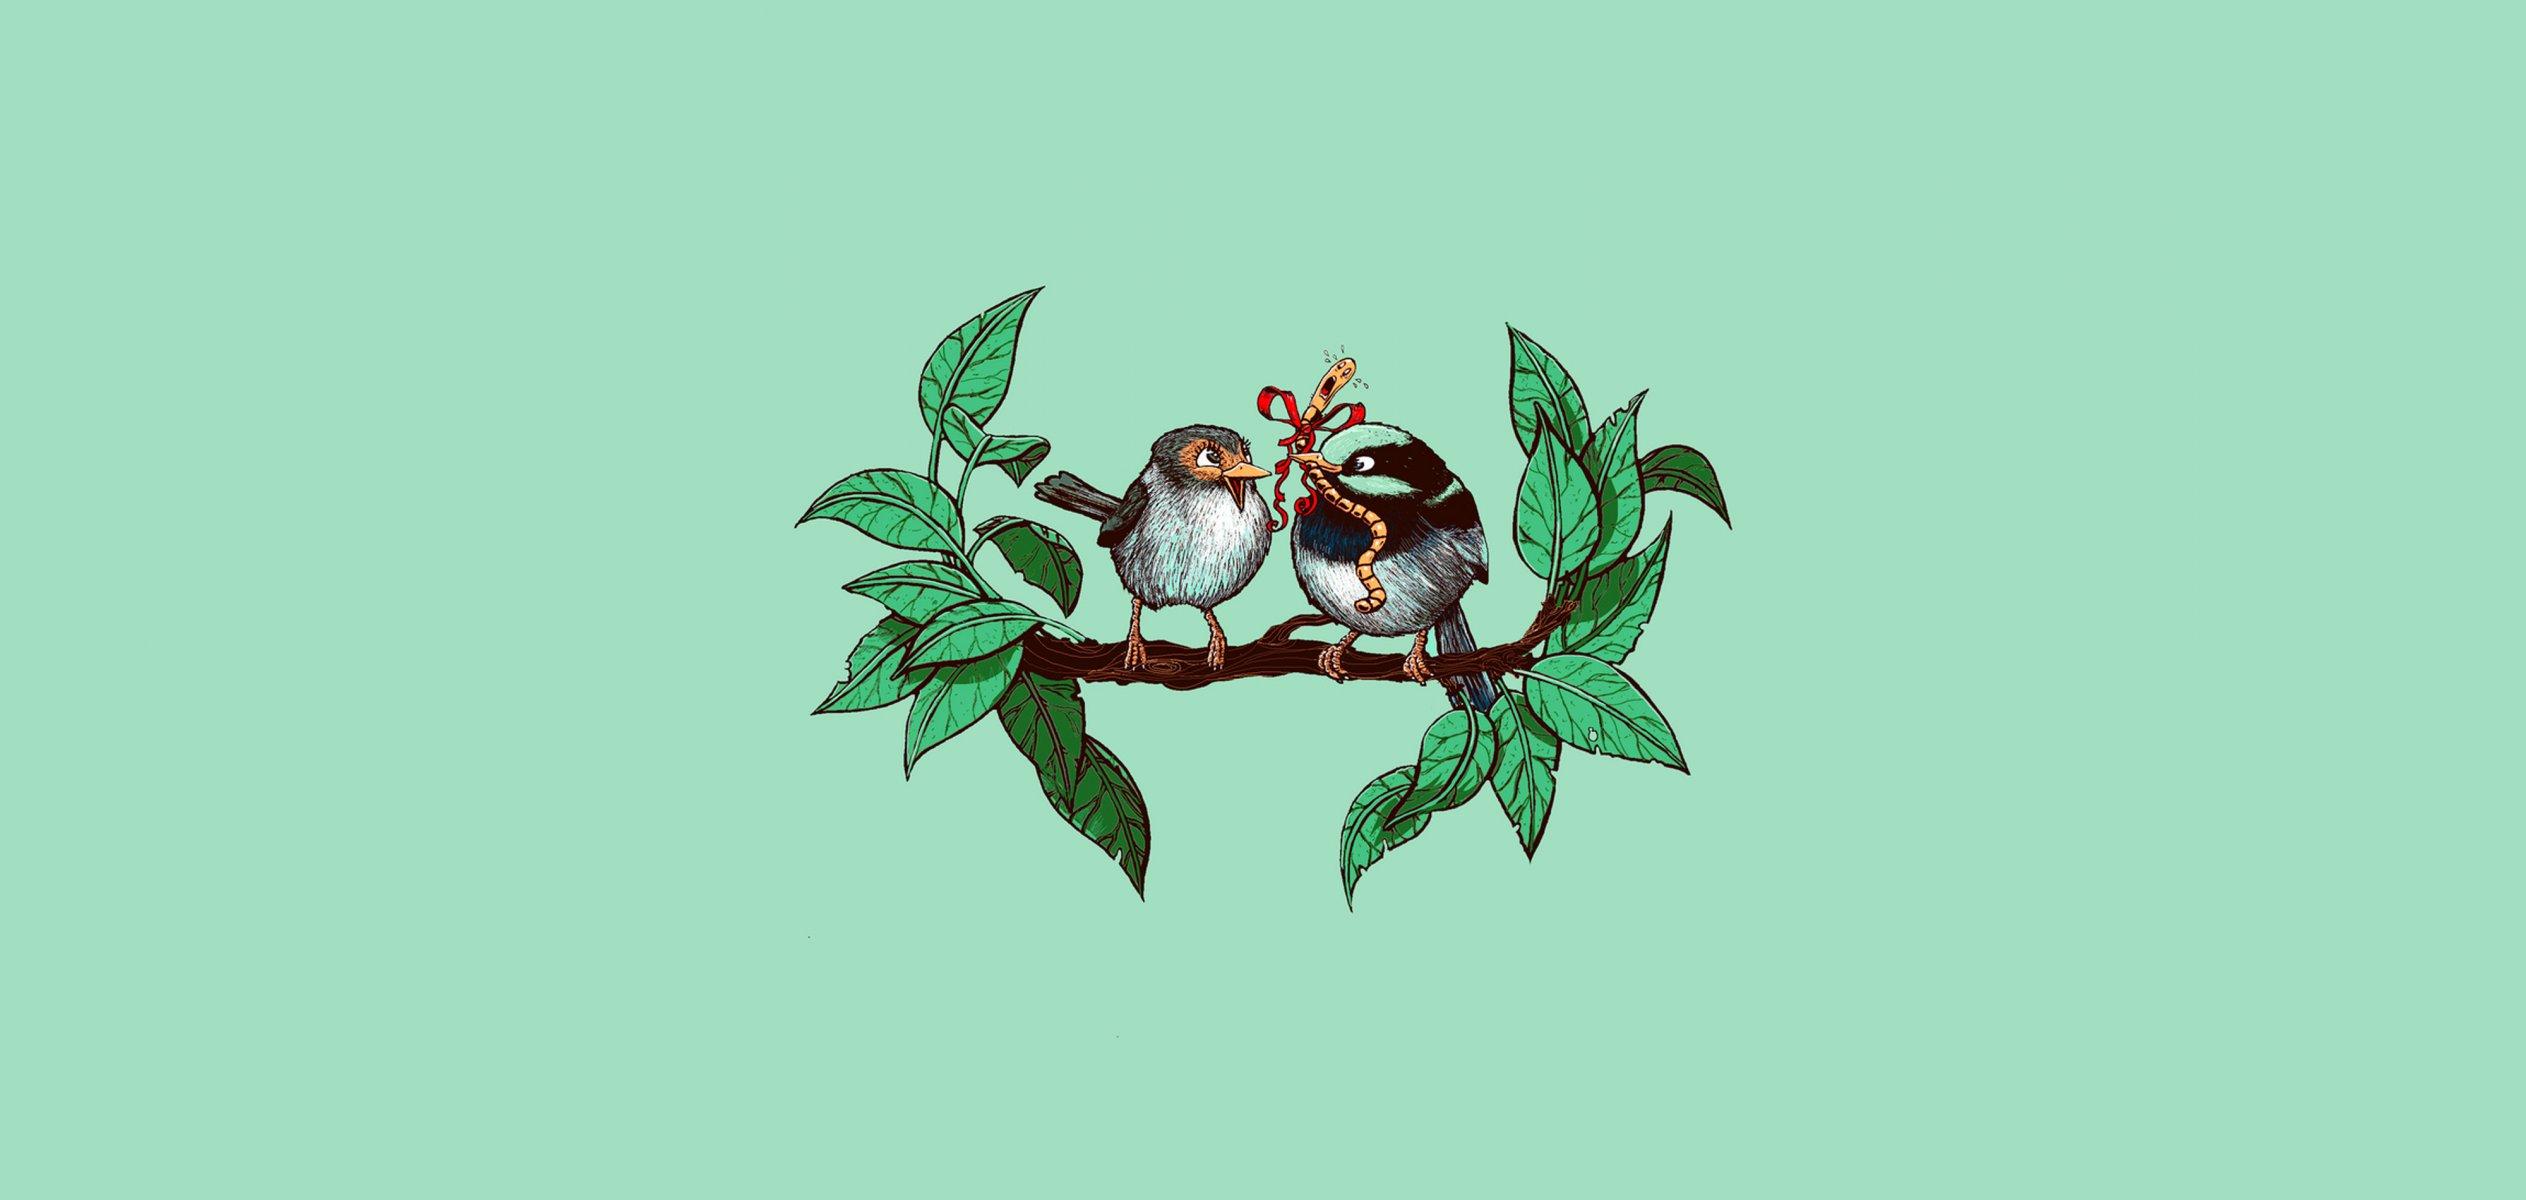 обои для рабочего стола птицы рисованные № 1489906 без смс